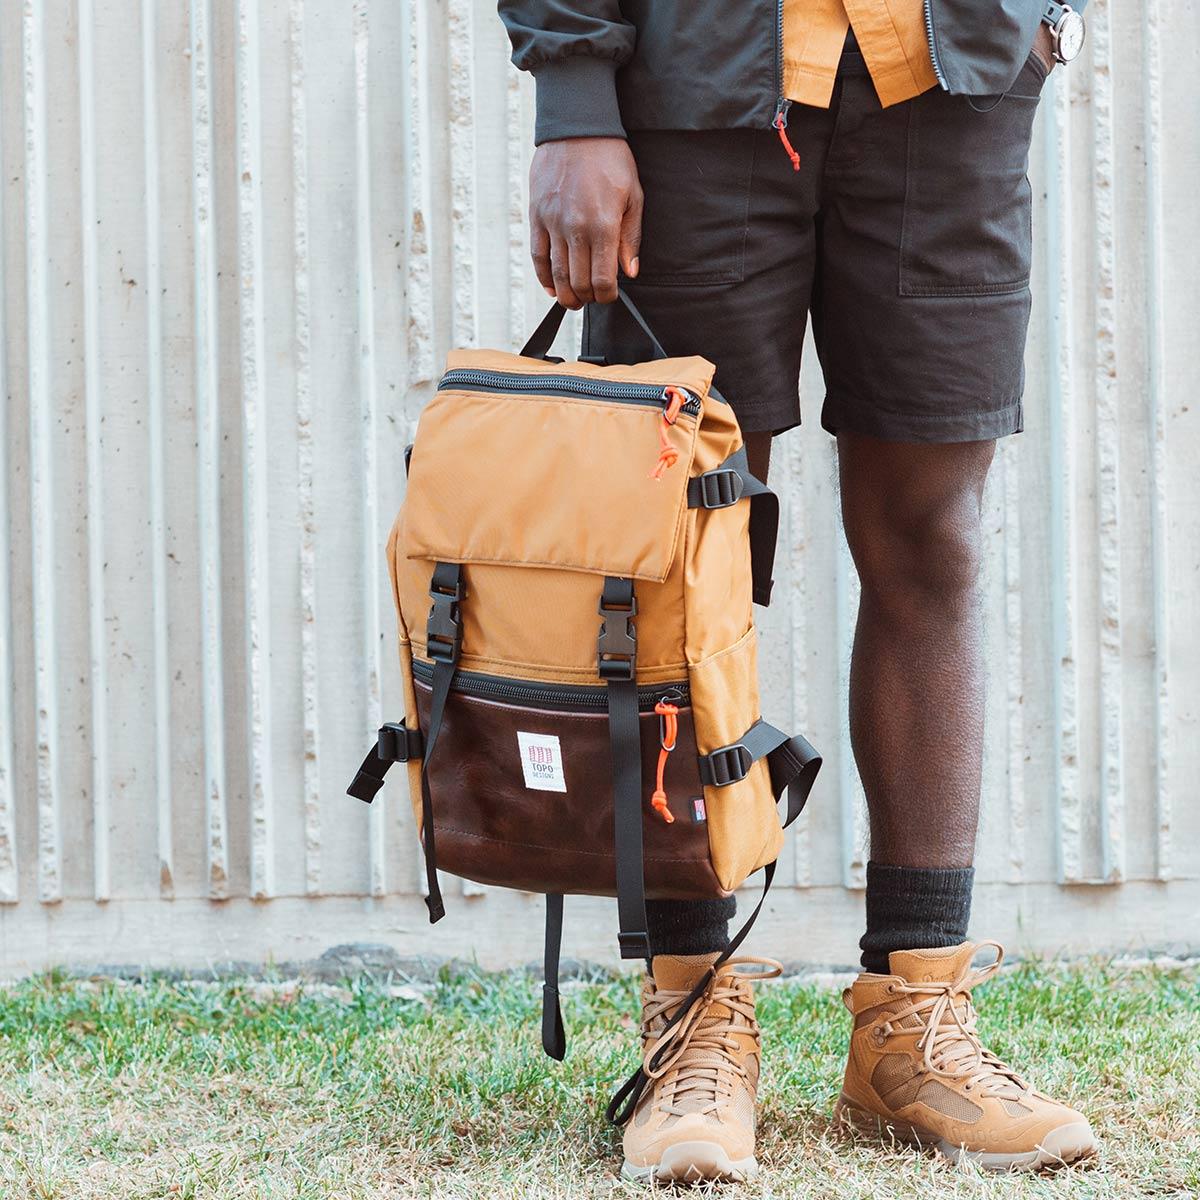 Topo Designs Rover Pack Heritage Duck Brown/Dark Brown Leather, ikonischer Rucksack für Männer und Damen